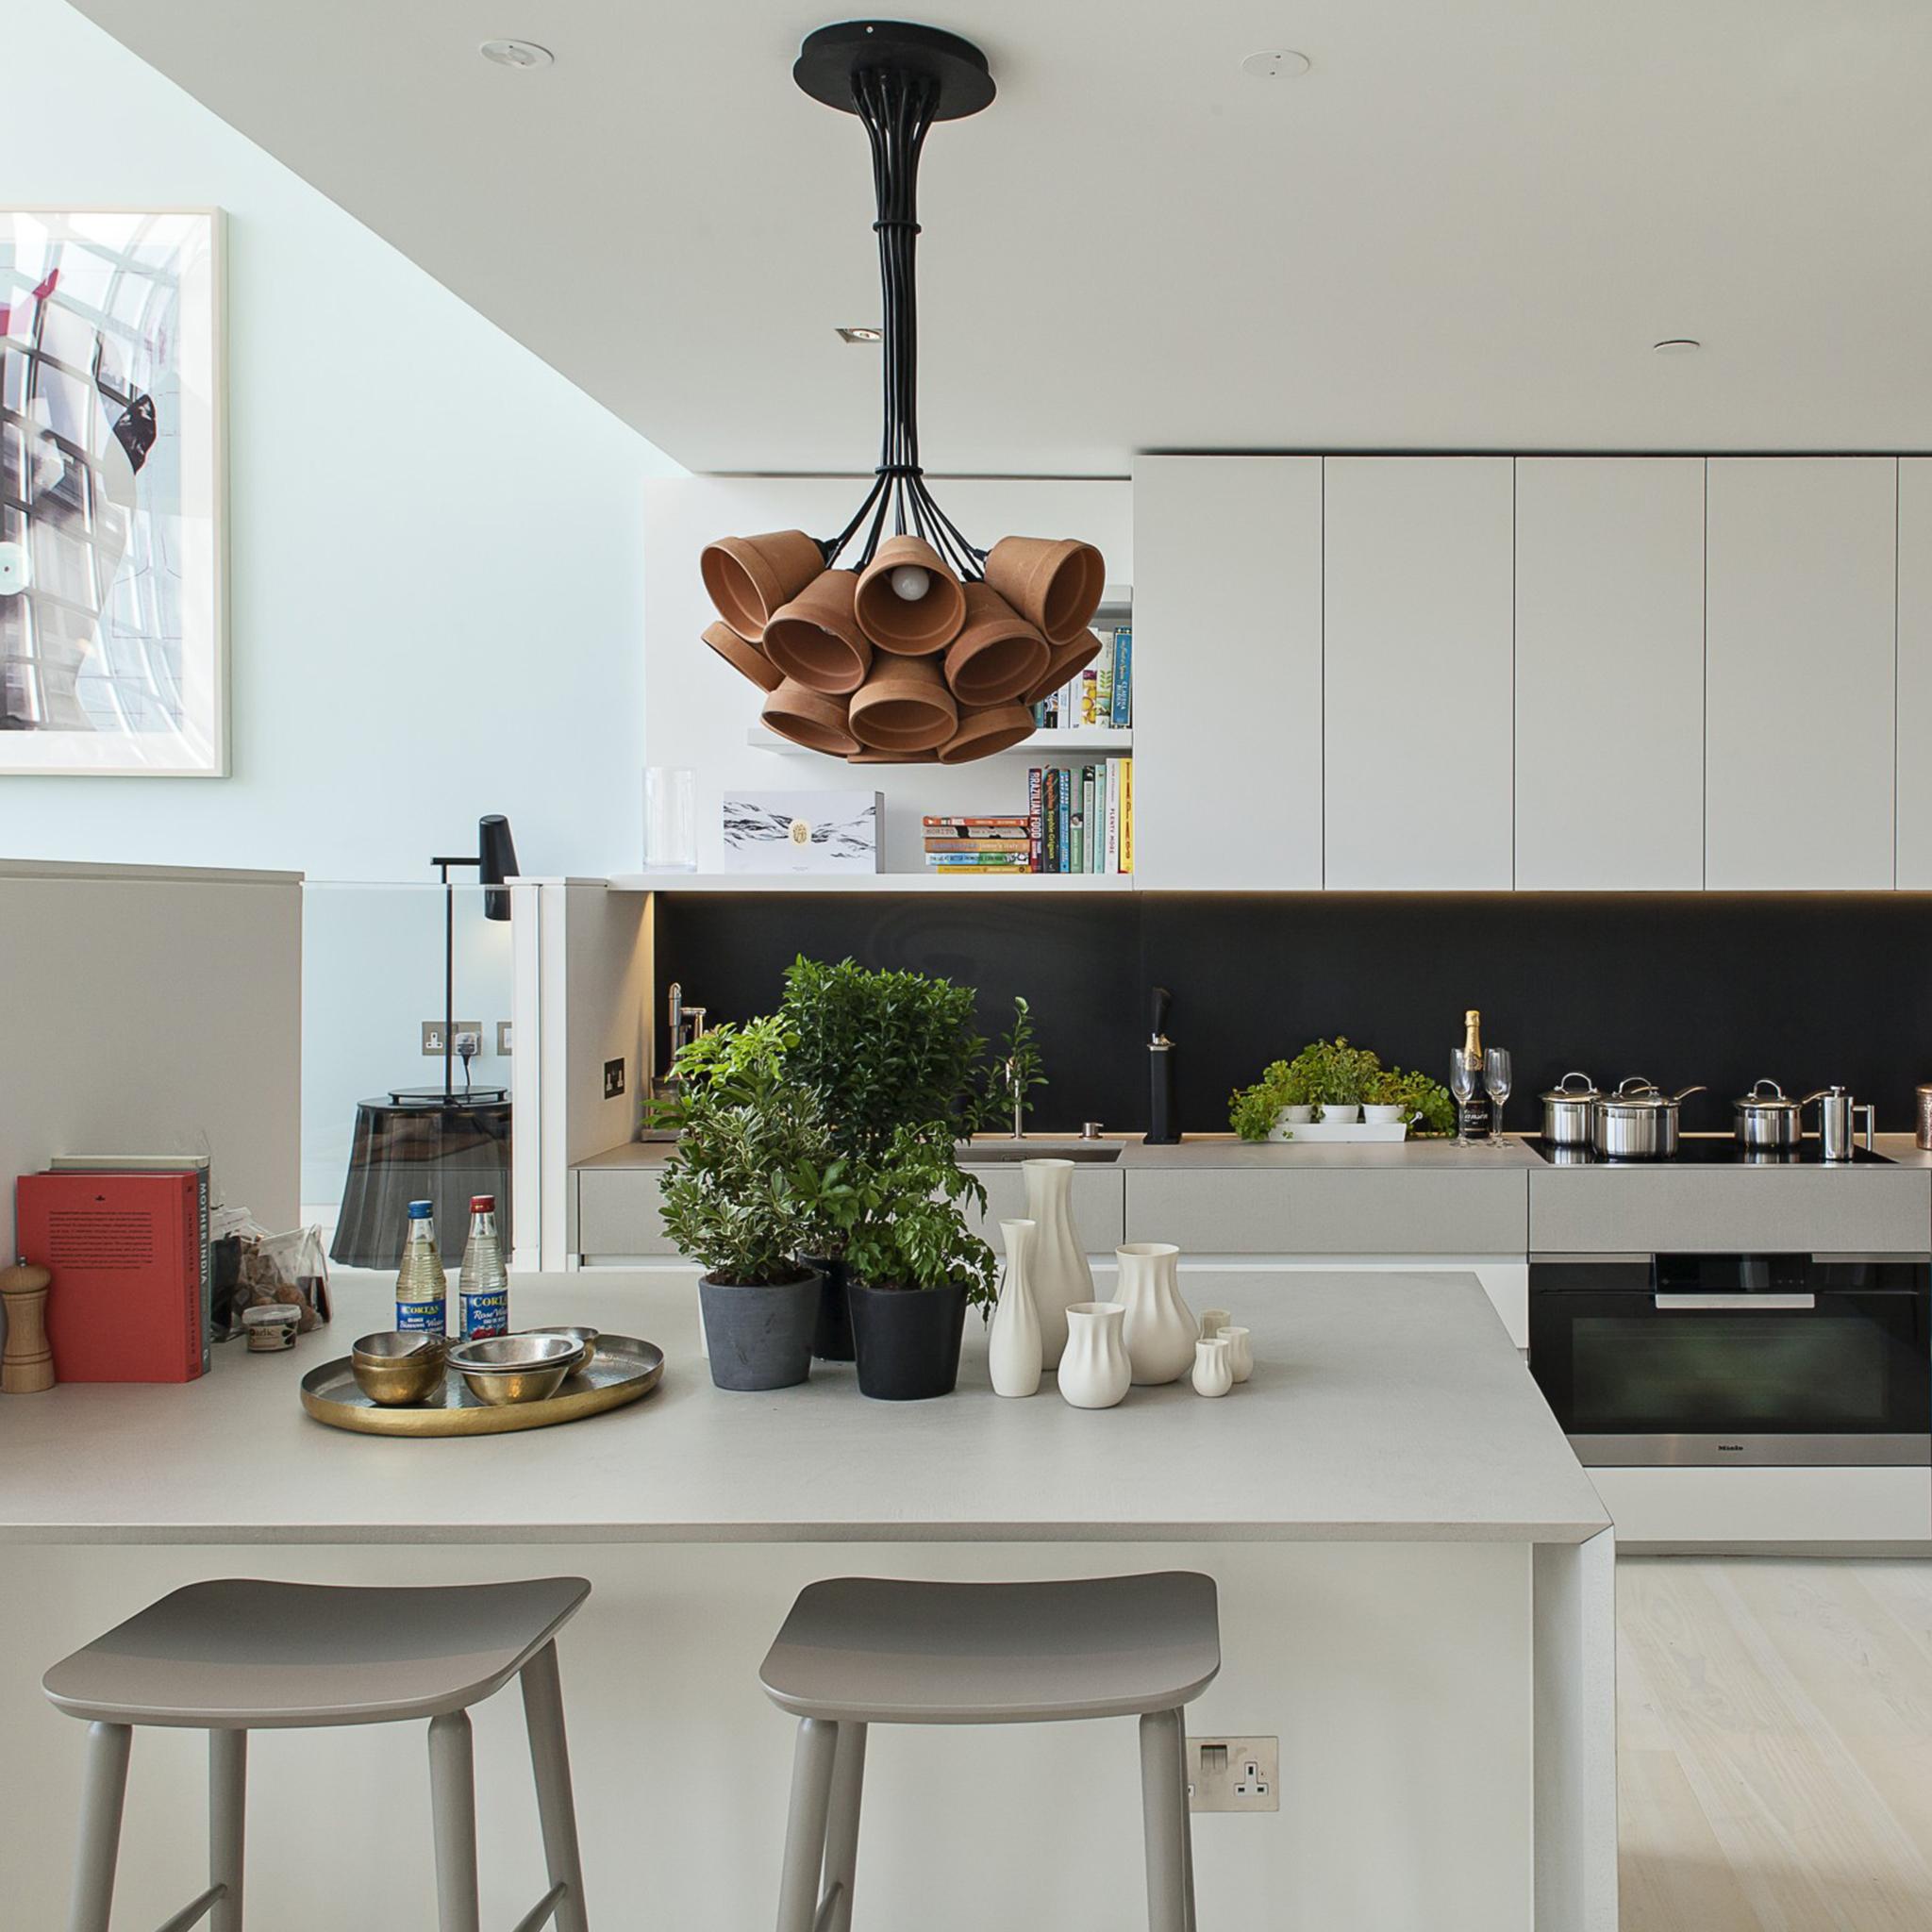 saint-martins-lofts-interior-kitchen.jpg